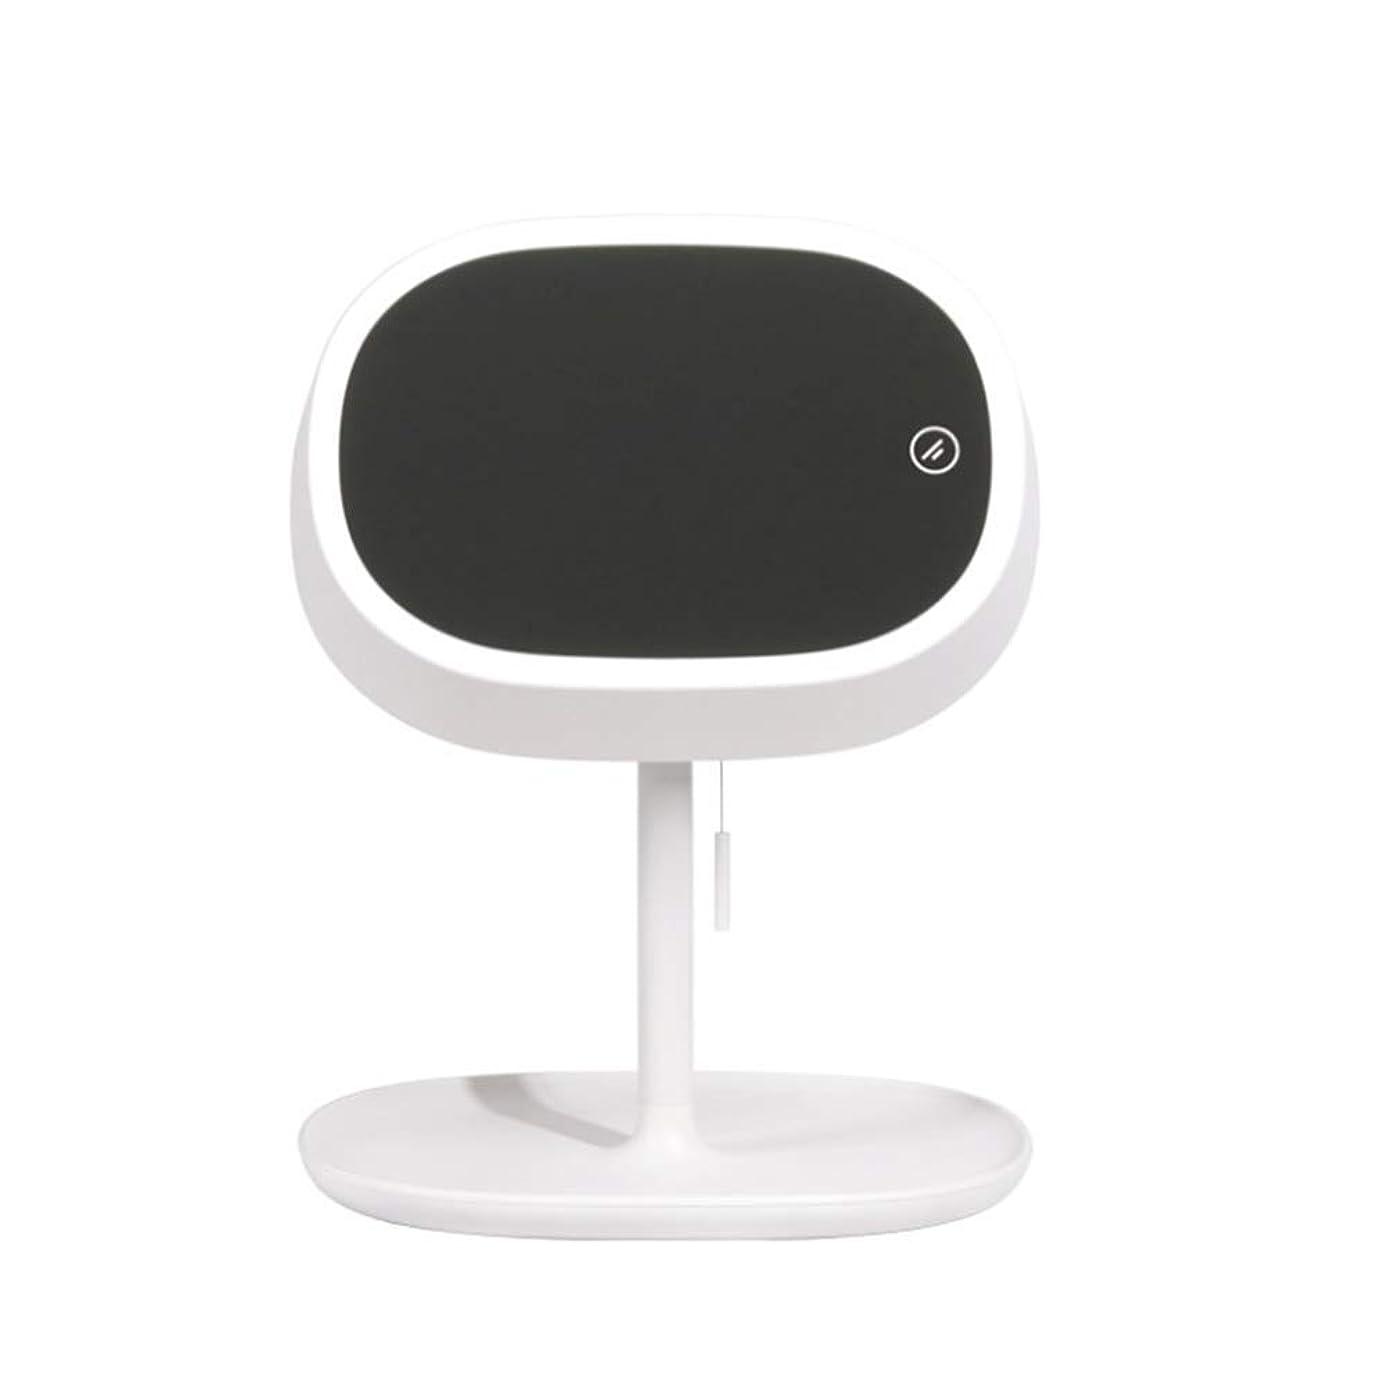 コールコール正当なデスクトップテーブルランプストレージ美容Usbの化粧鏡180°フリップを充電ライトフィルライトデスクトップLED付メイクアップミラー,白